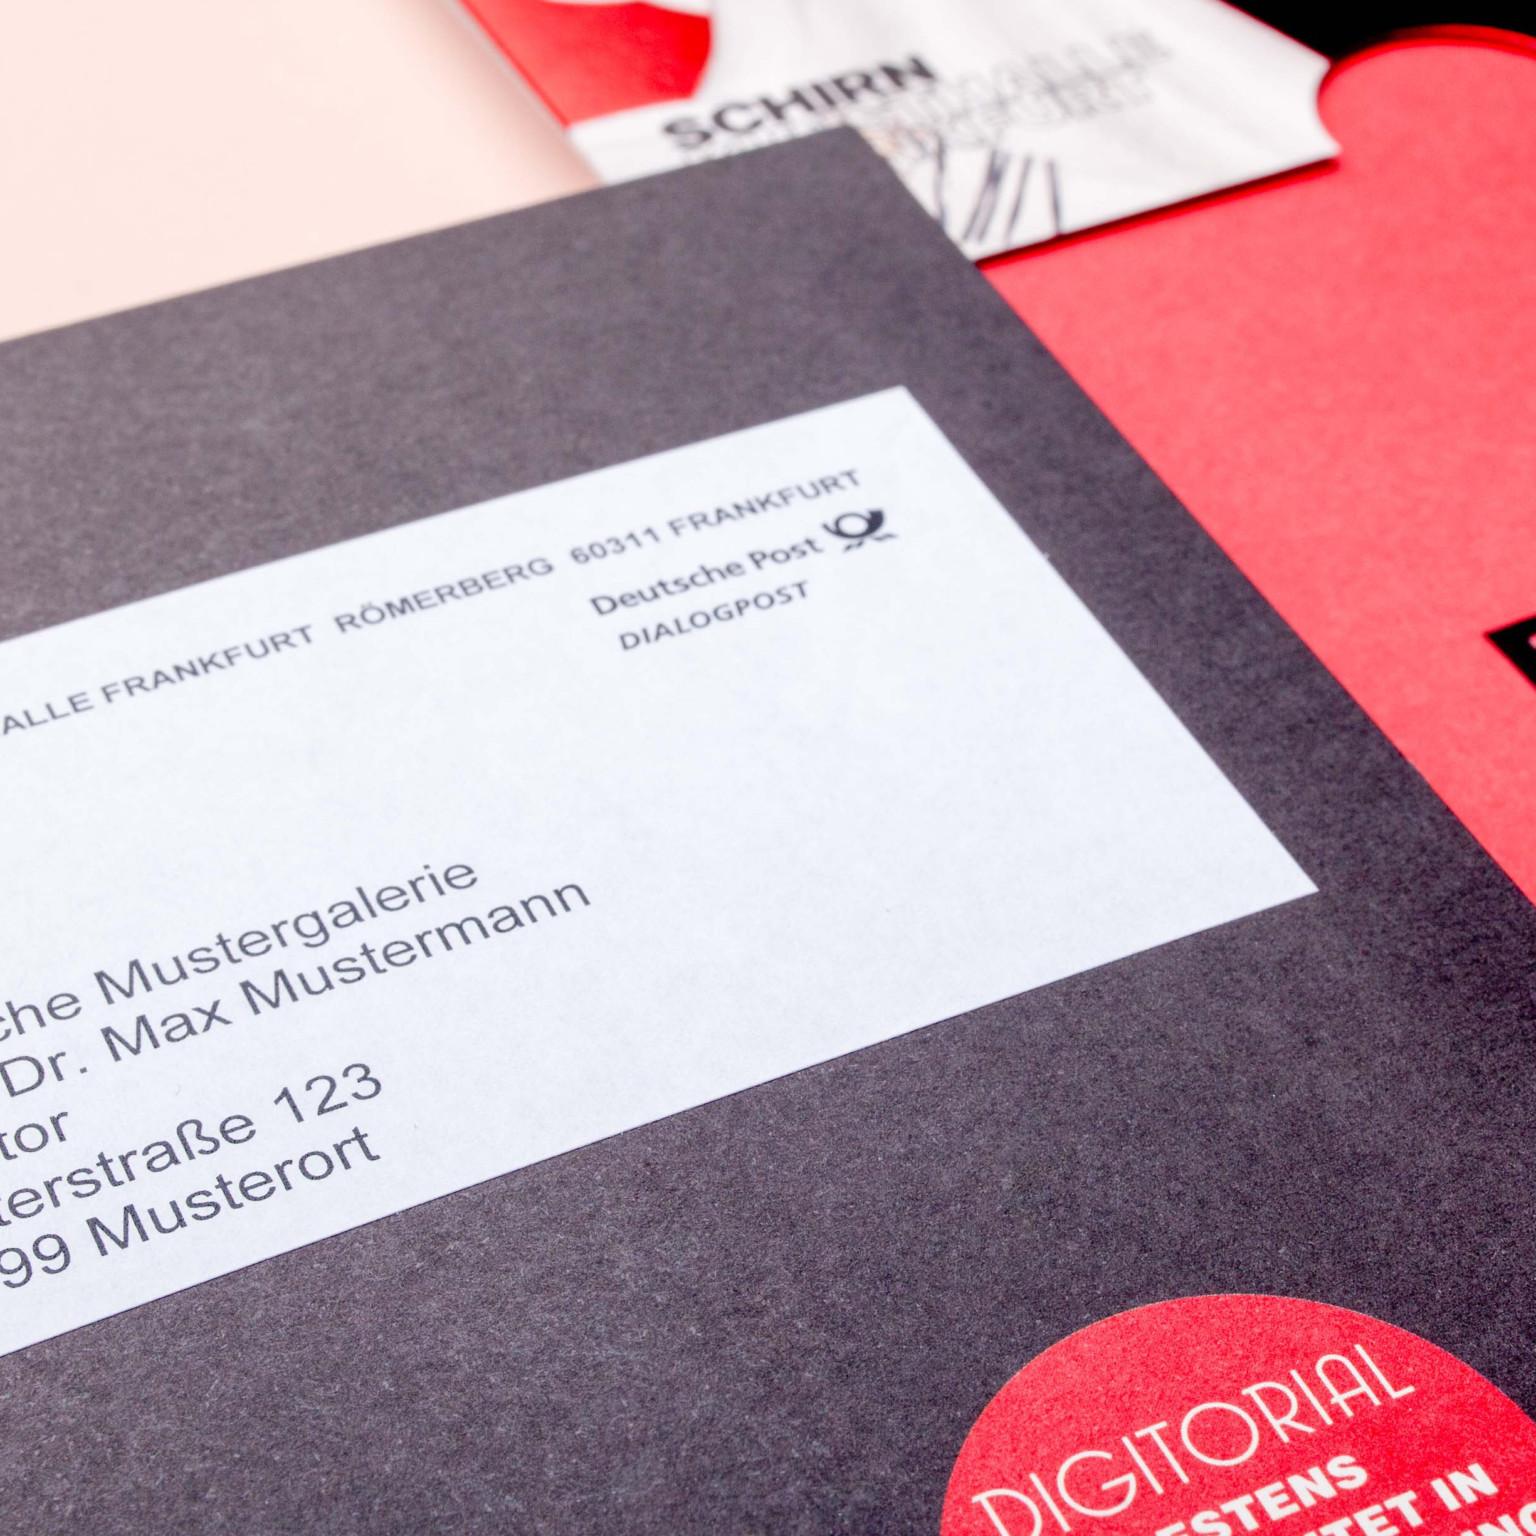 Schirn Kunsthalle, hochwertige Print-Einladung